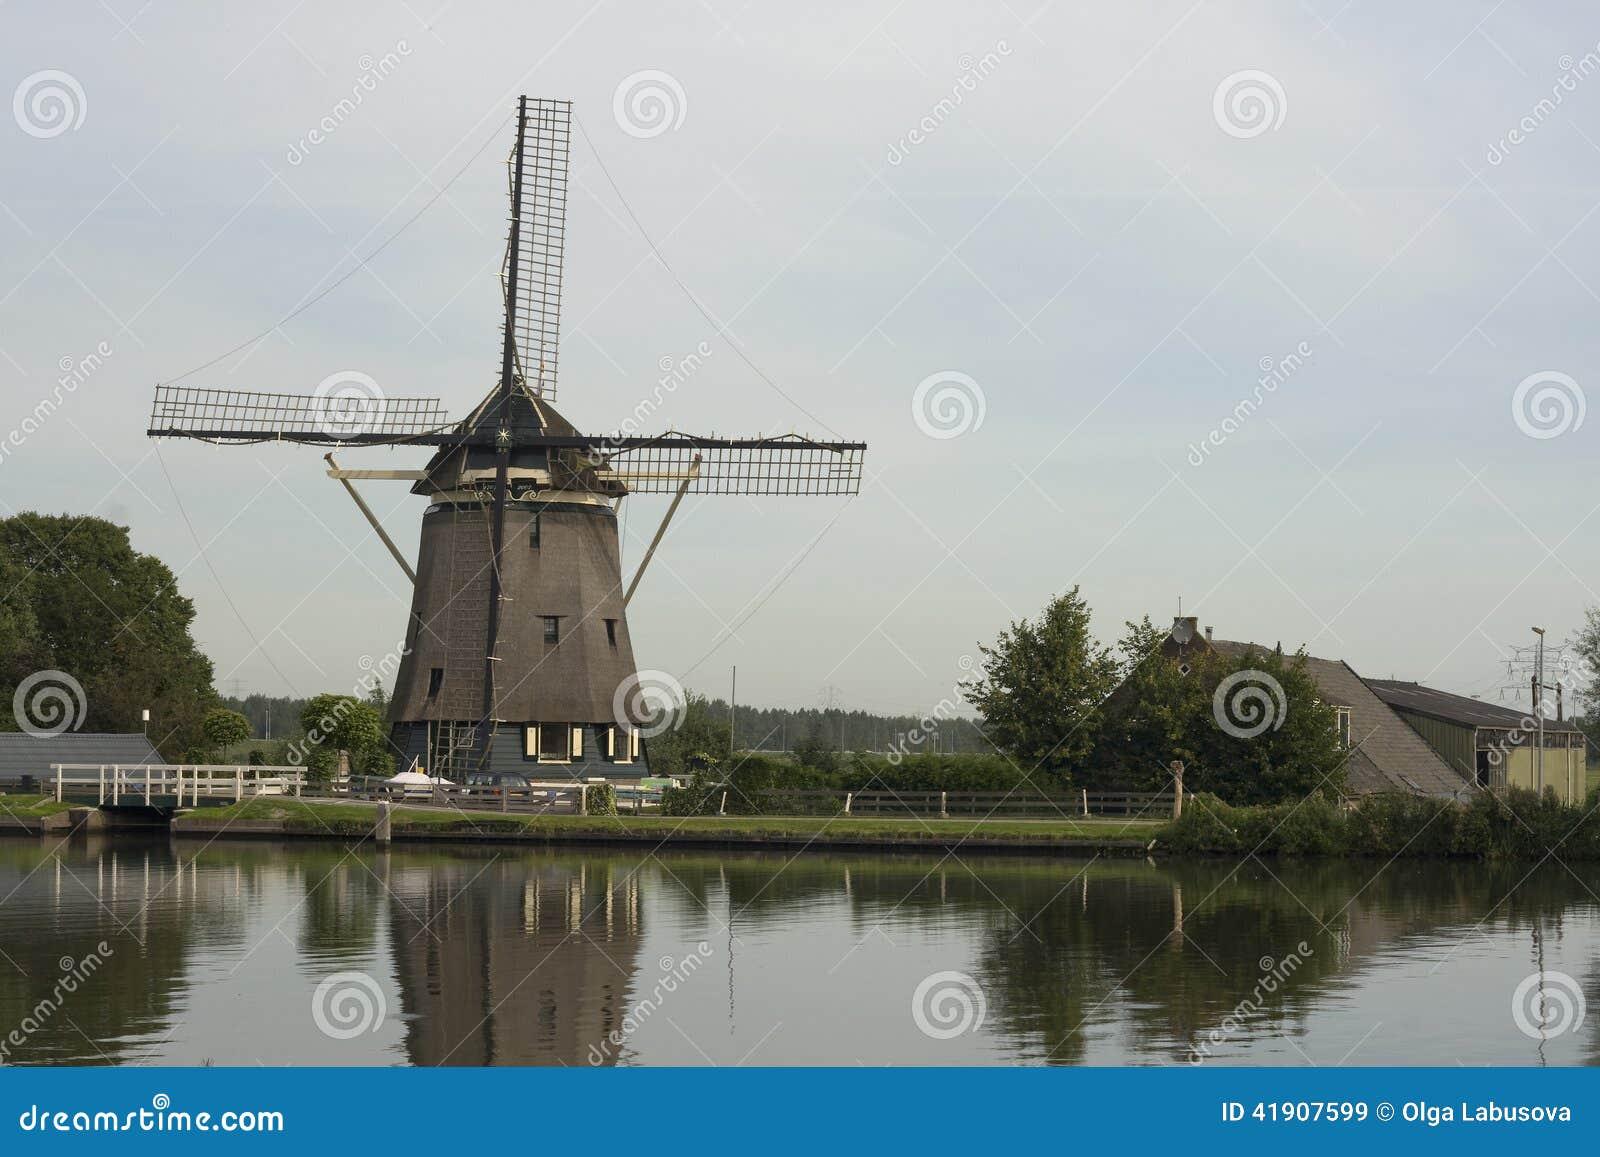 Molino de viento holandés tradicional, cerca de Amsterdam, Países Bajos